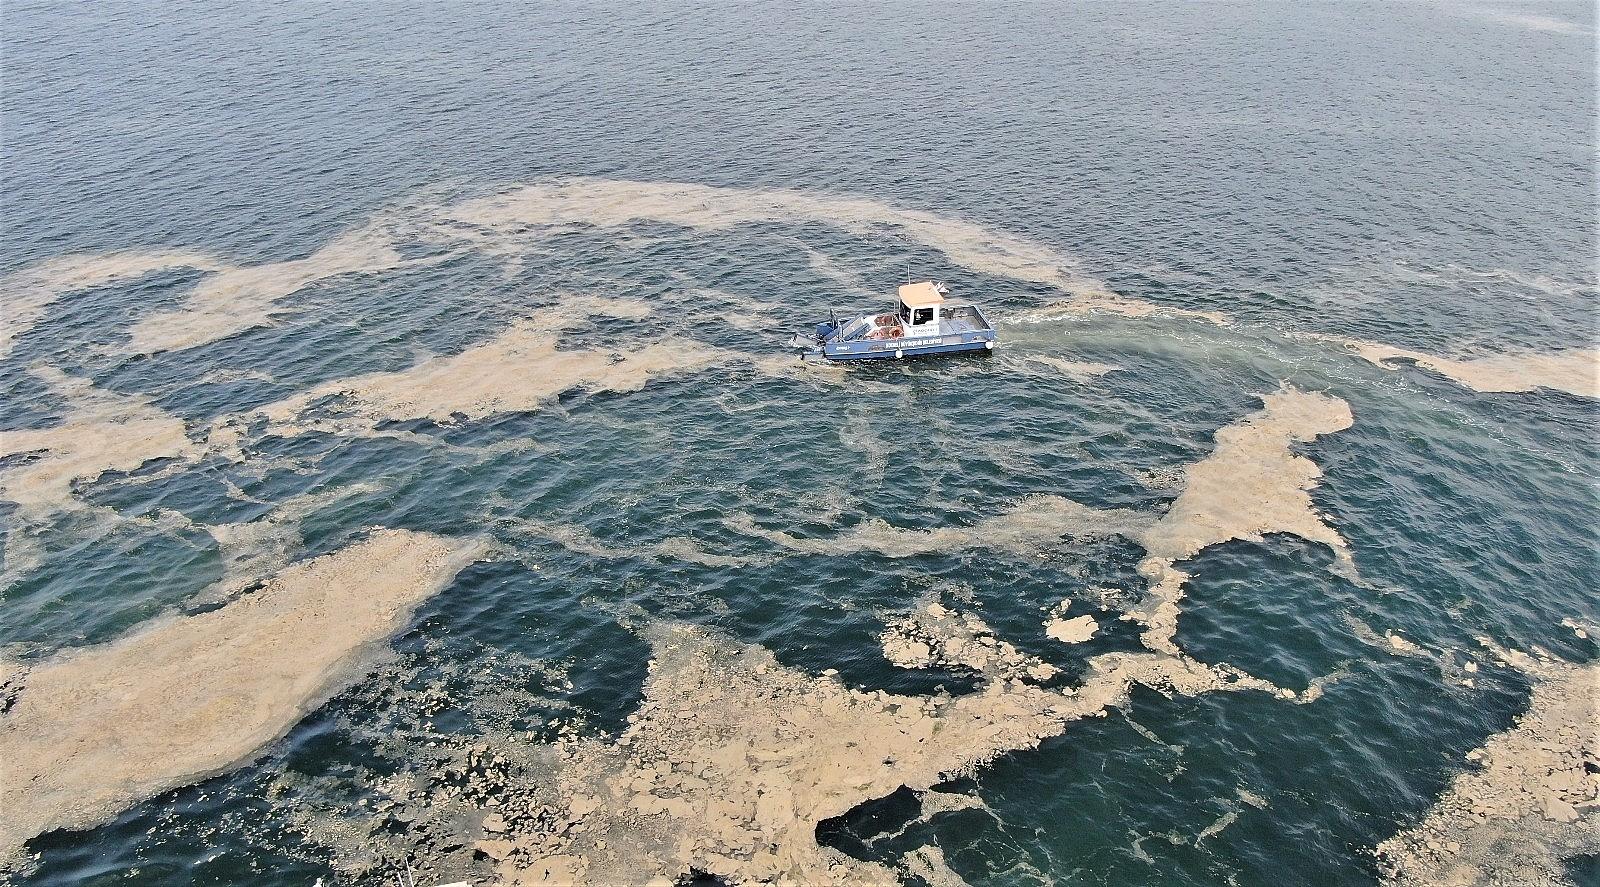 2021/05/deniz-salyasi-ile-nefes-kesen-mucadele-20210506AW31-3.jpg